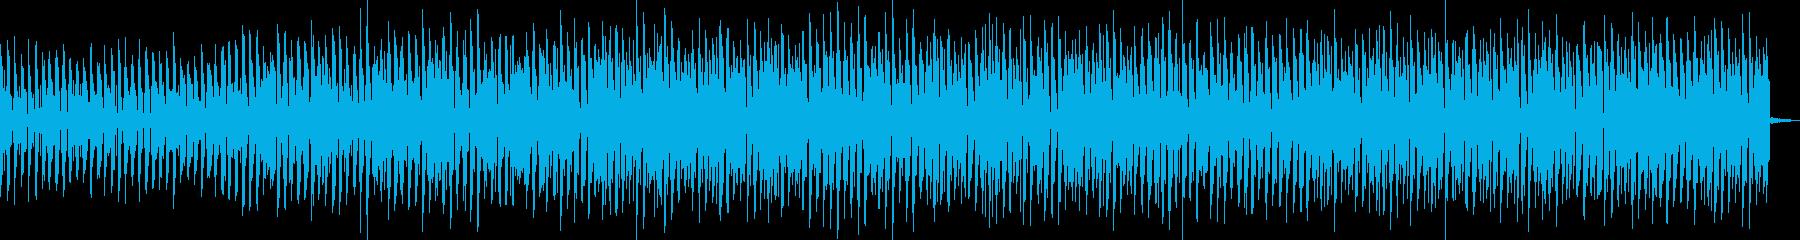 スピード感のある豪快なメロディーの再生済みの波形